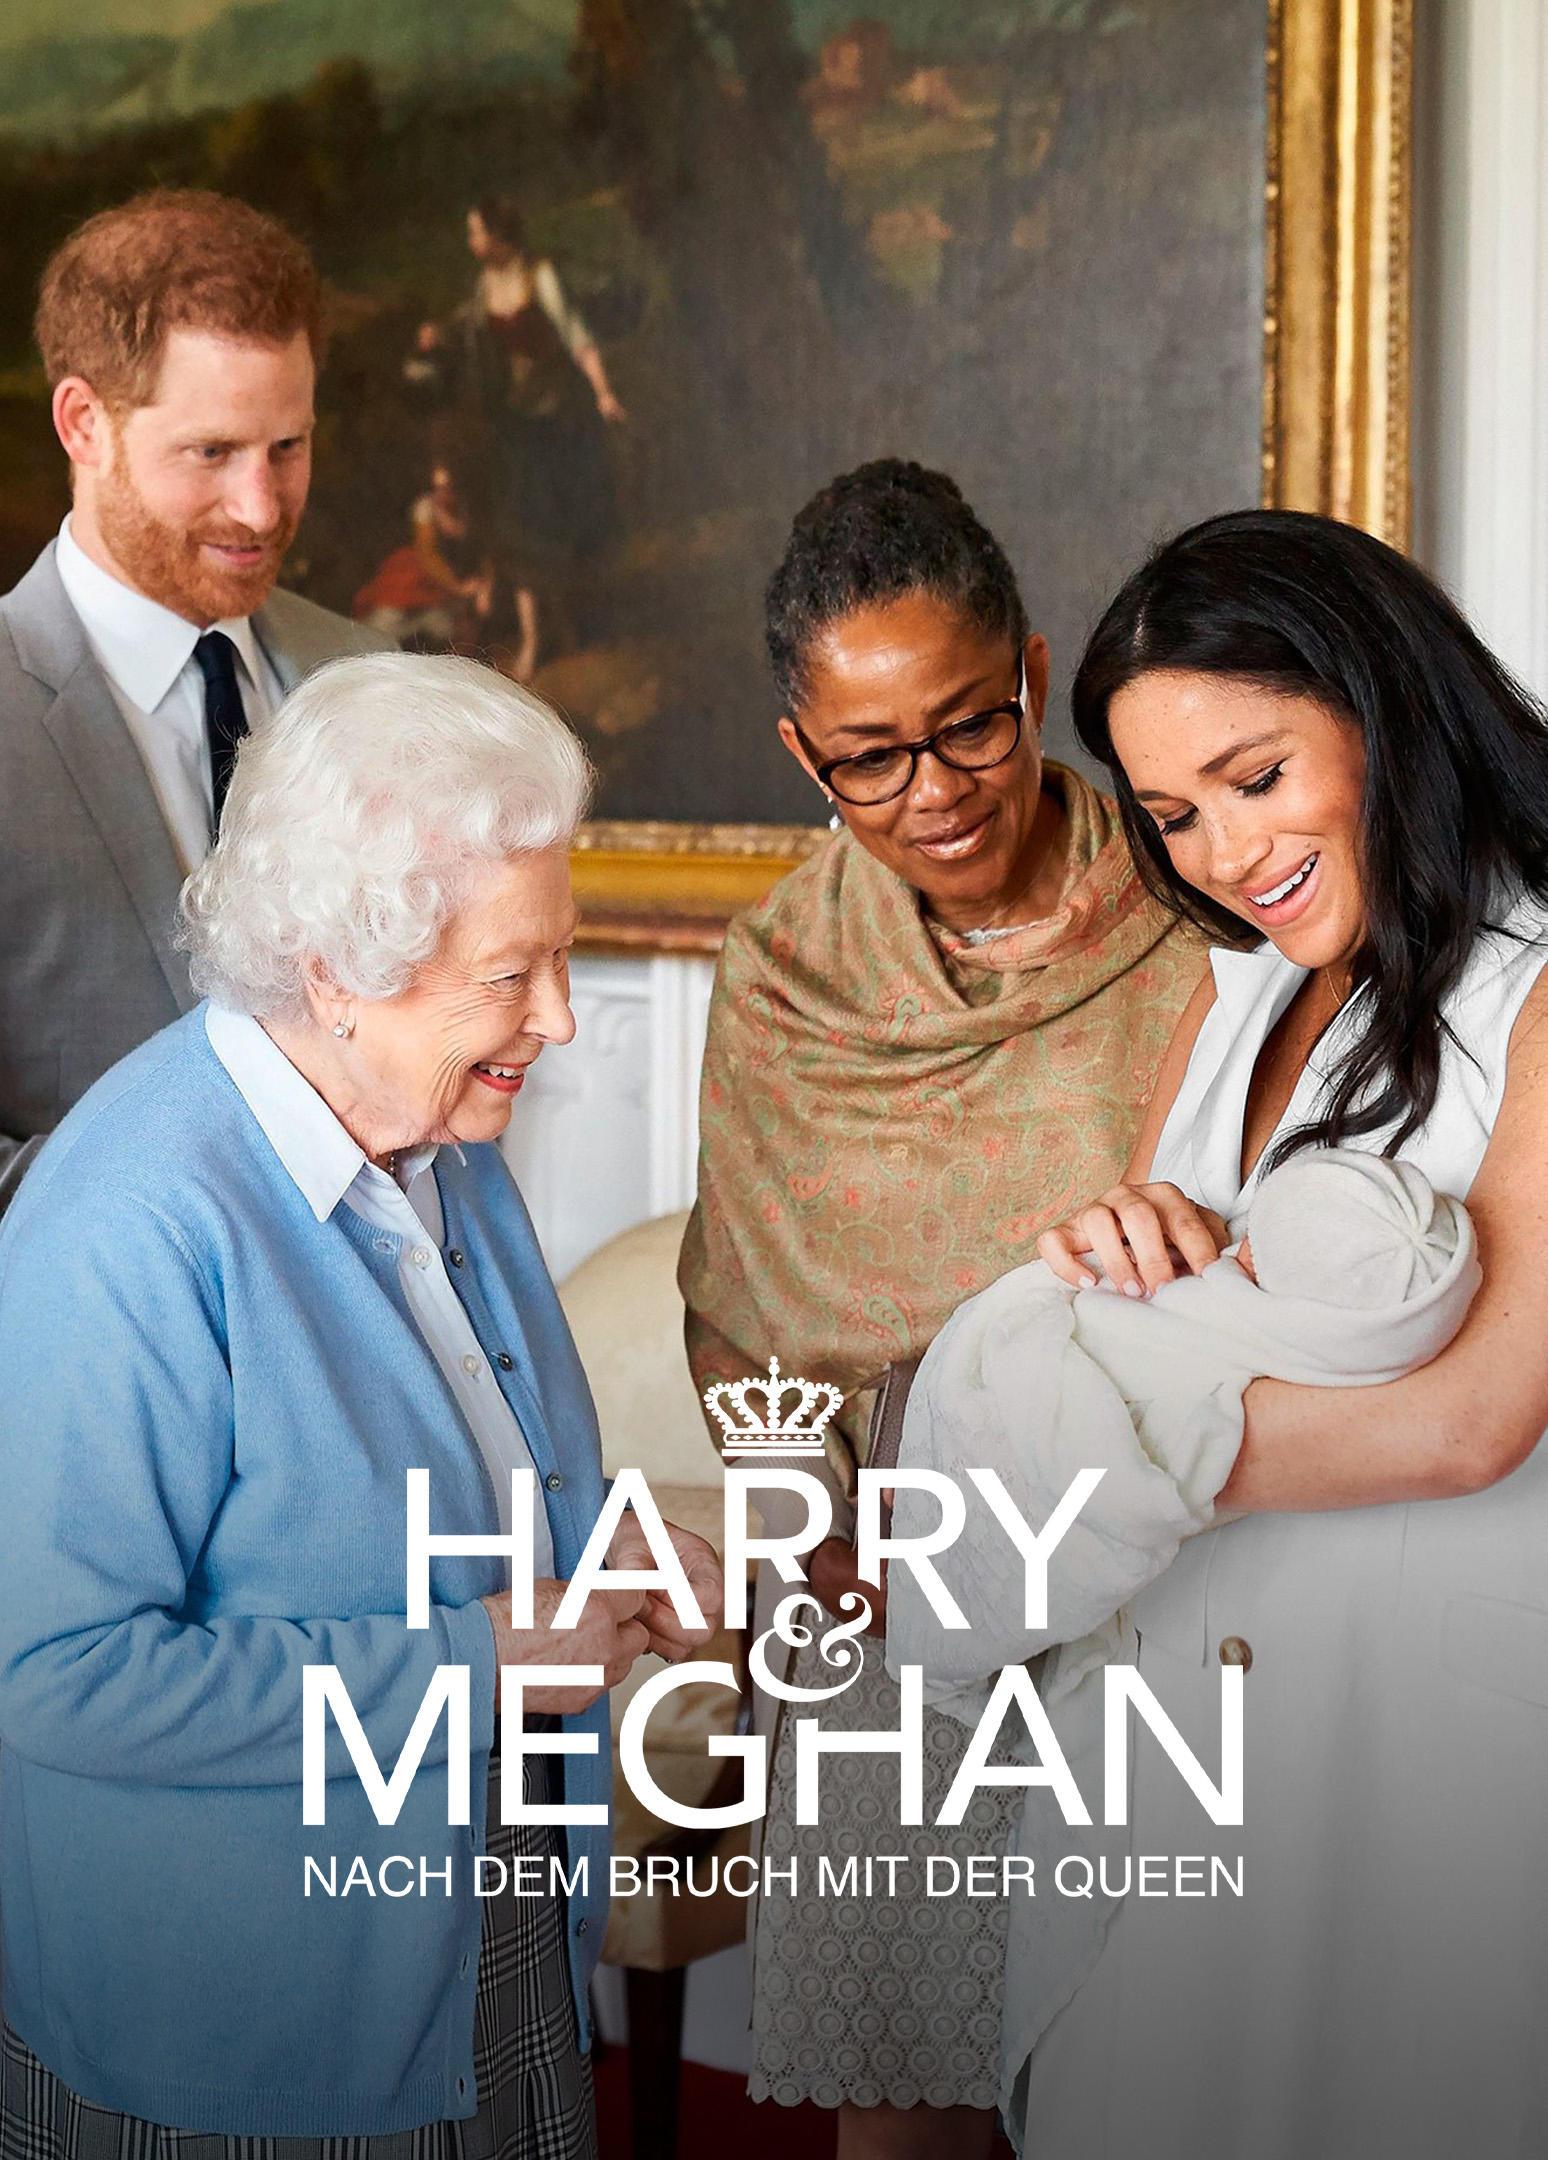 Harry & Meghan: Nach dem Bruch mit der Queen